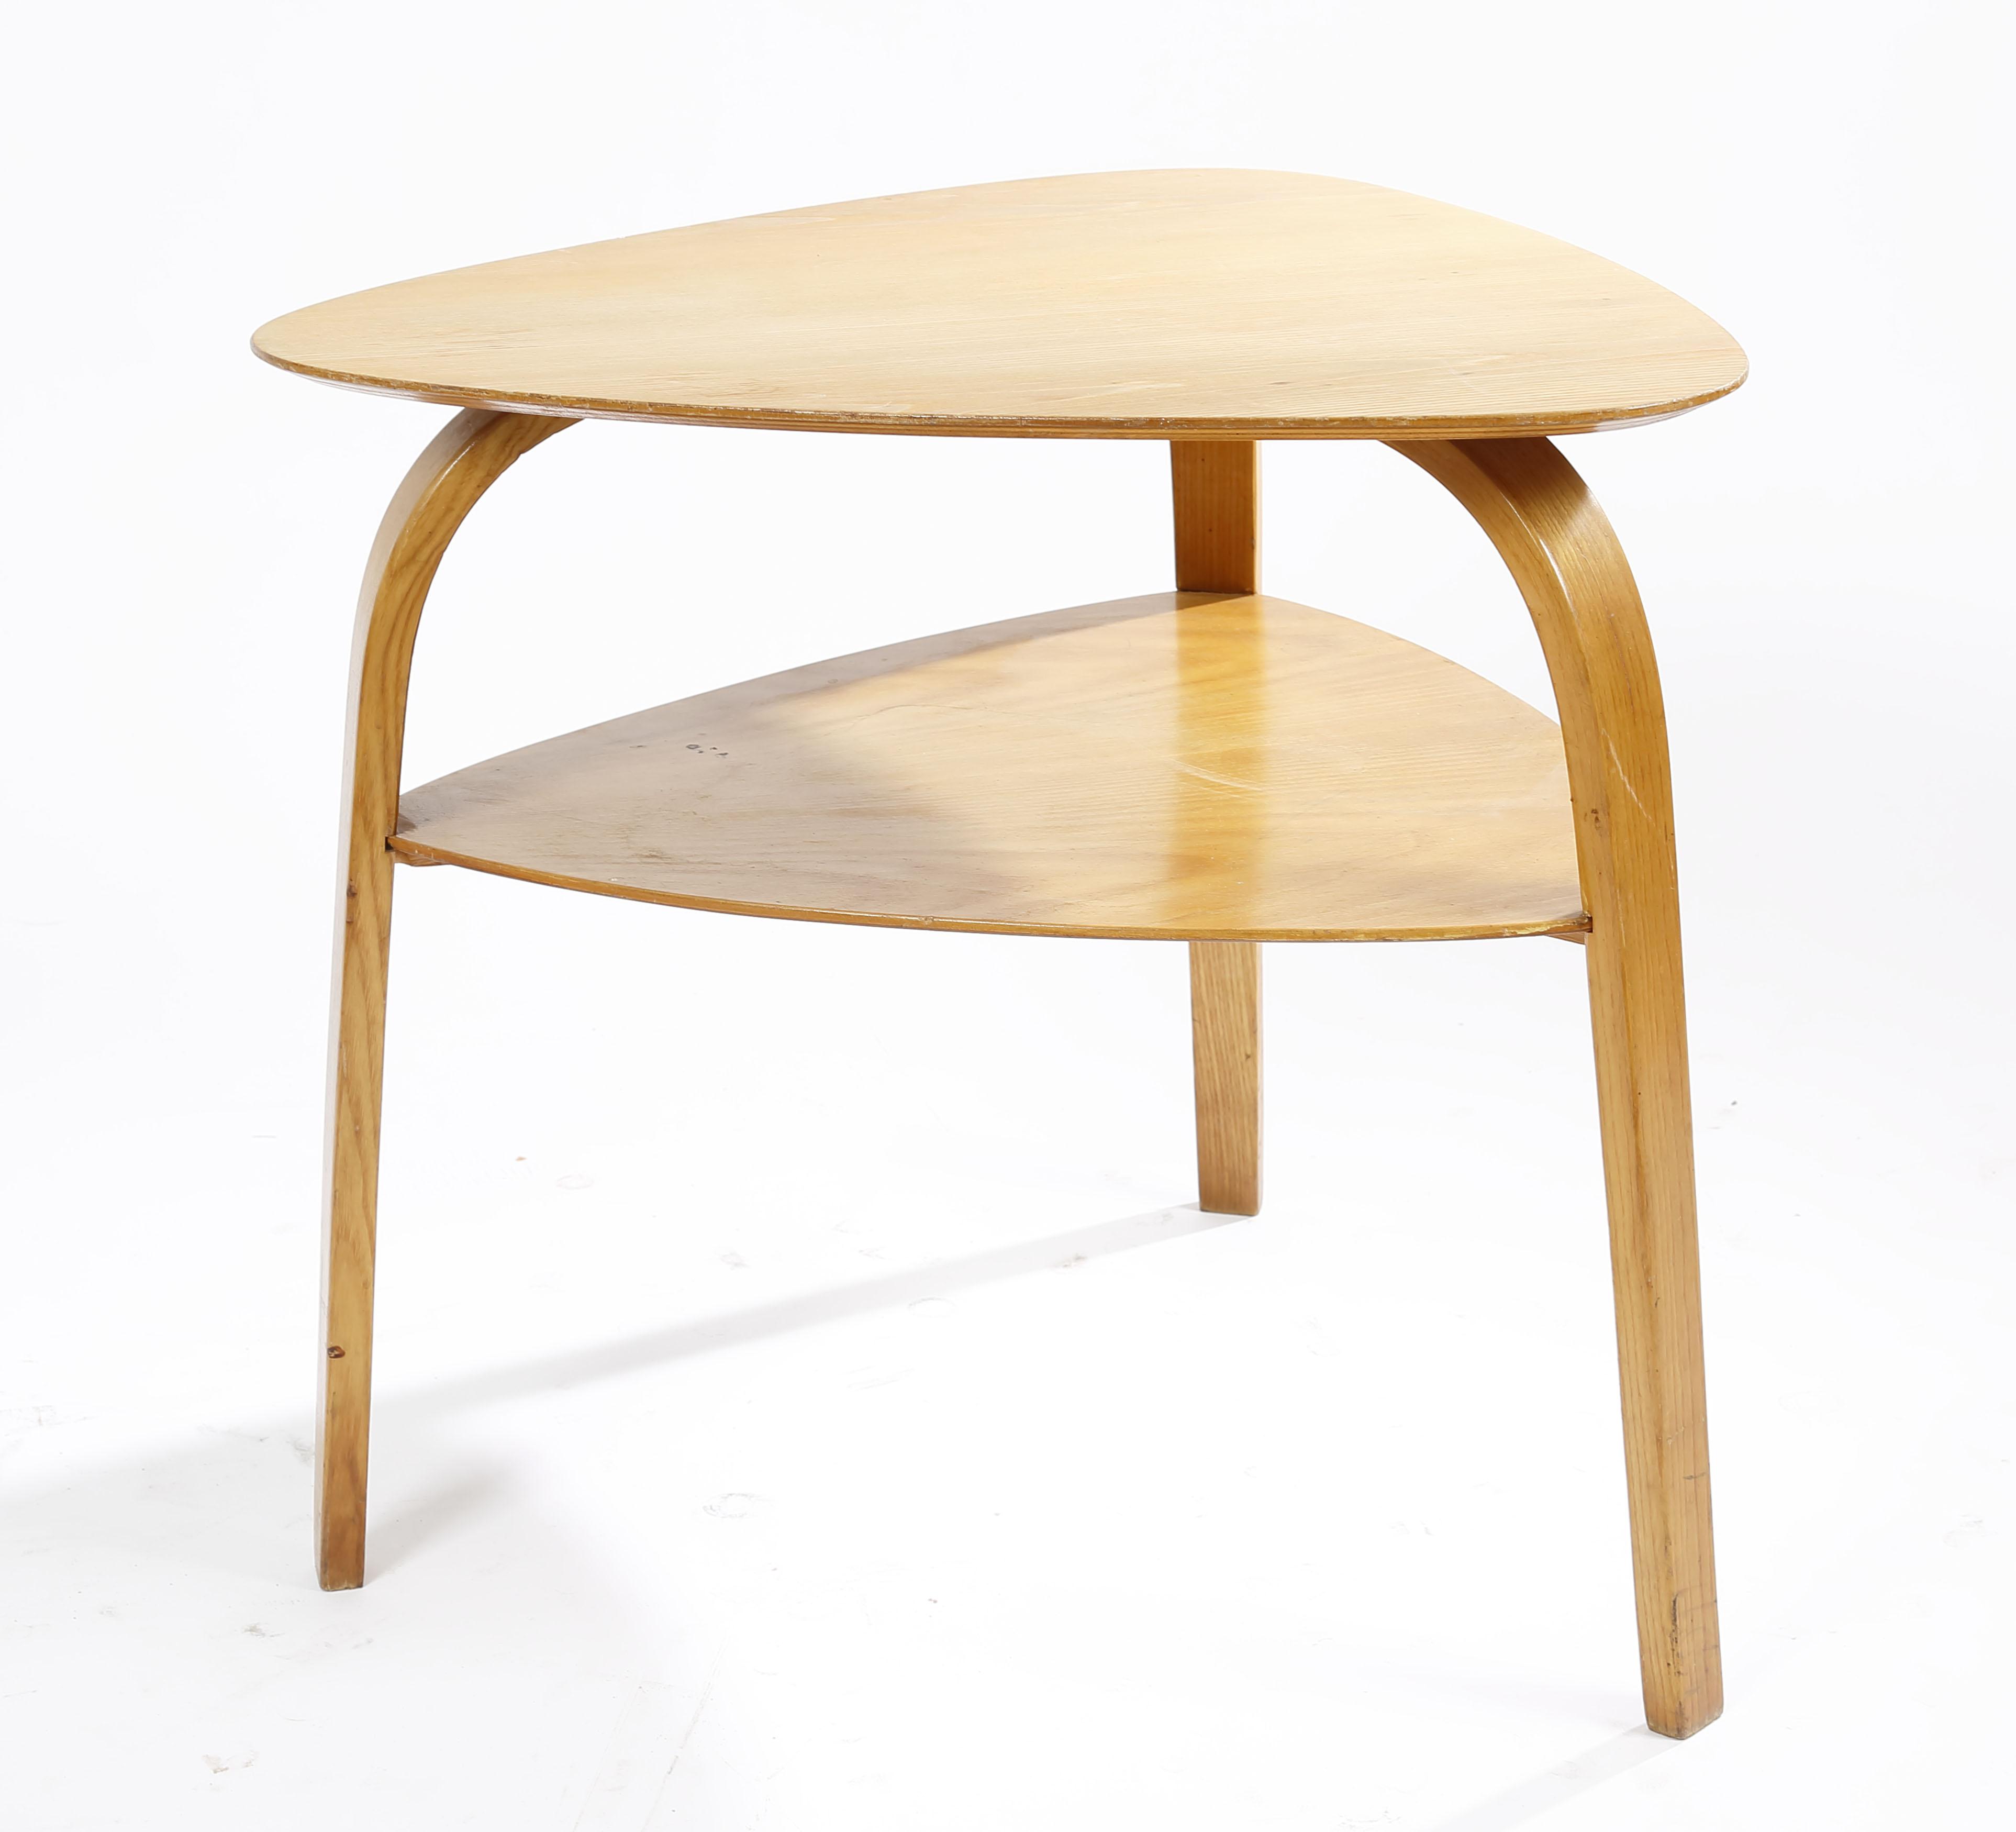 hugues steiner table basse mod le bowood pi tement. Black Bedroom Furniture Sets. Home Design Ideas